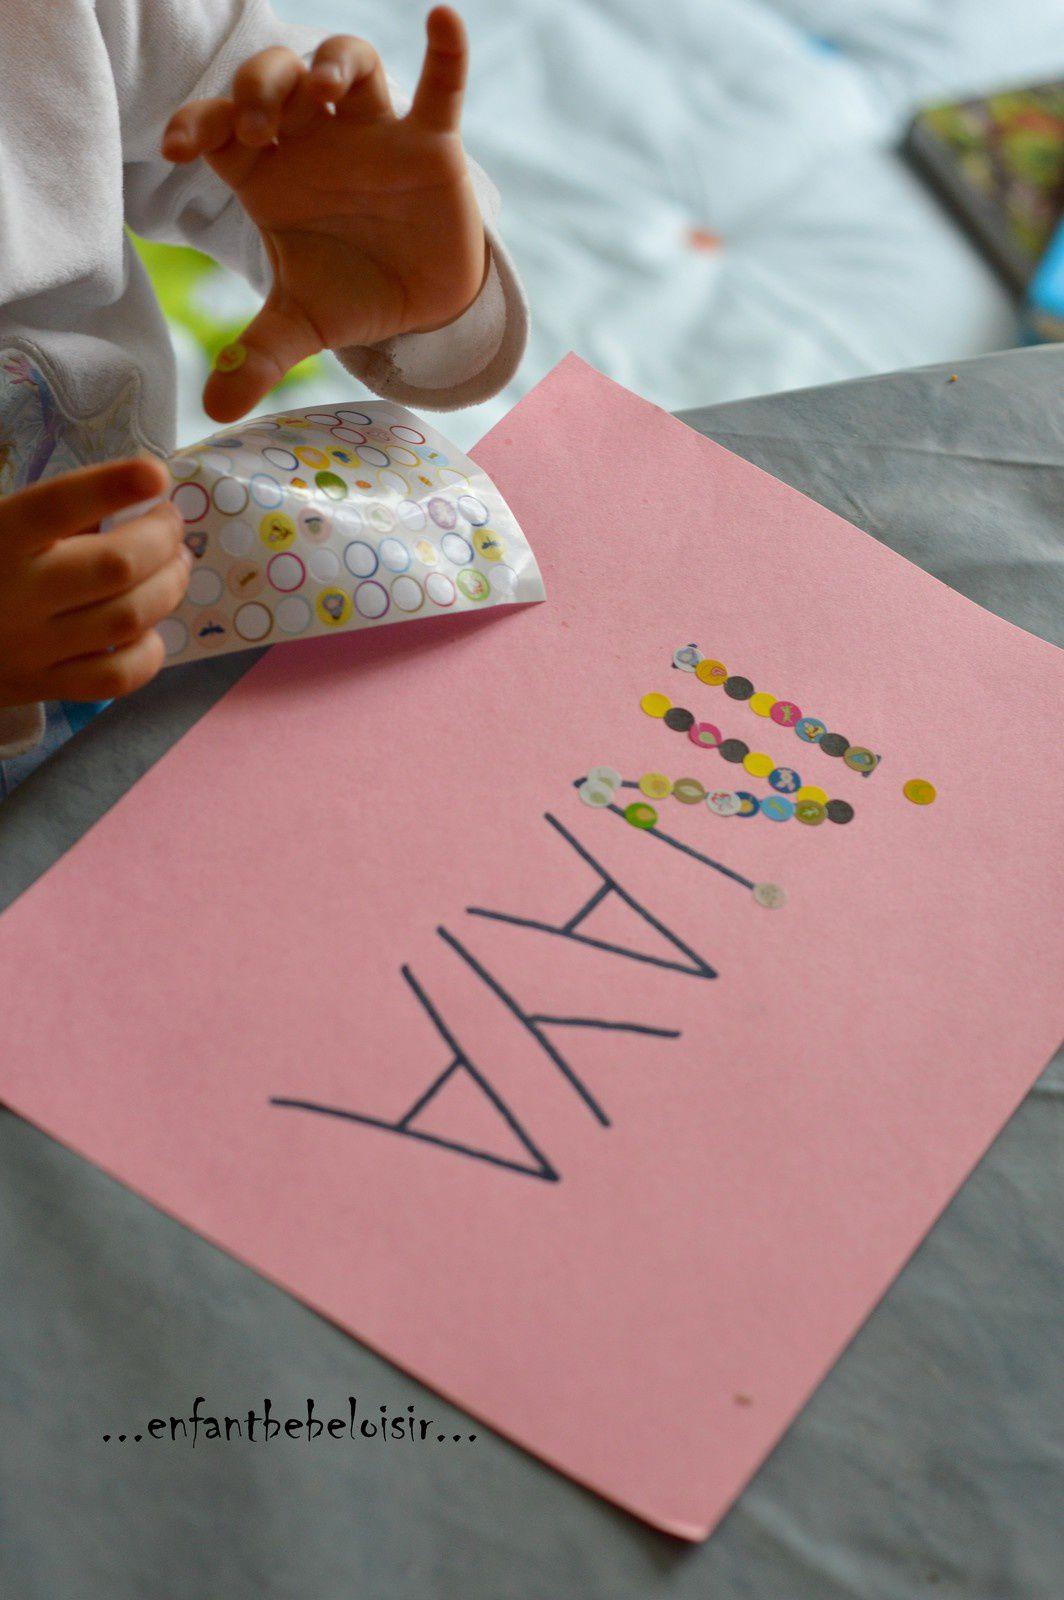 Bien connu Idée d'exercice - apprendre a écrire son prénom - enfant bébé loisir XQ08